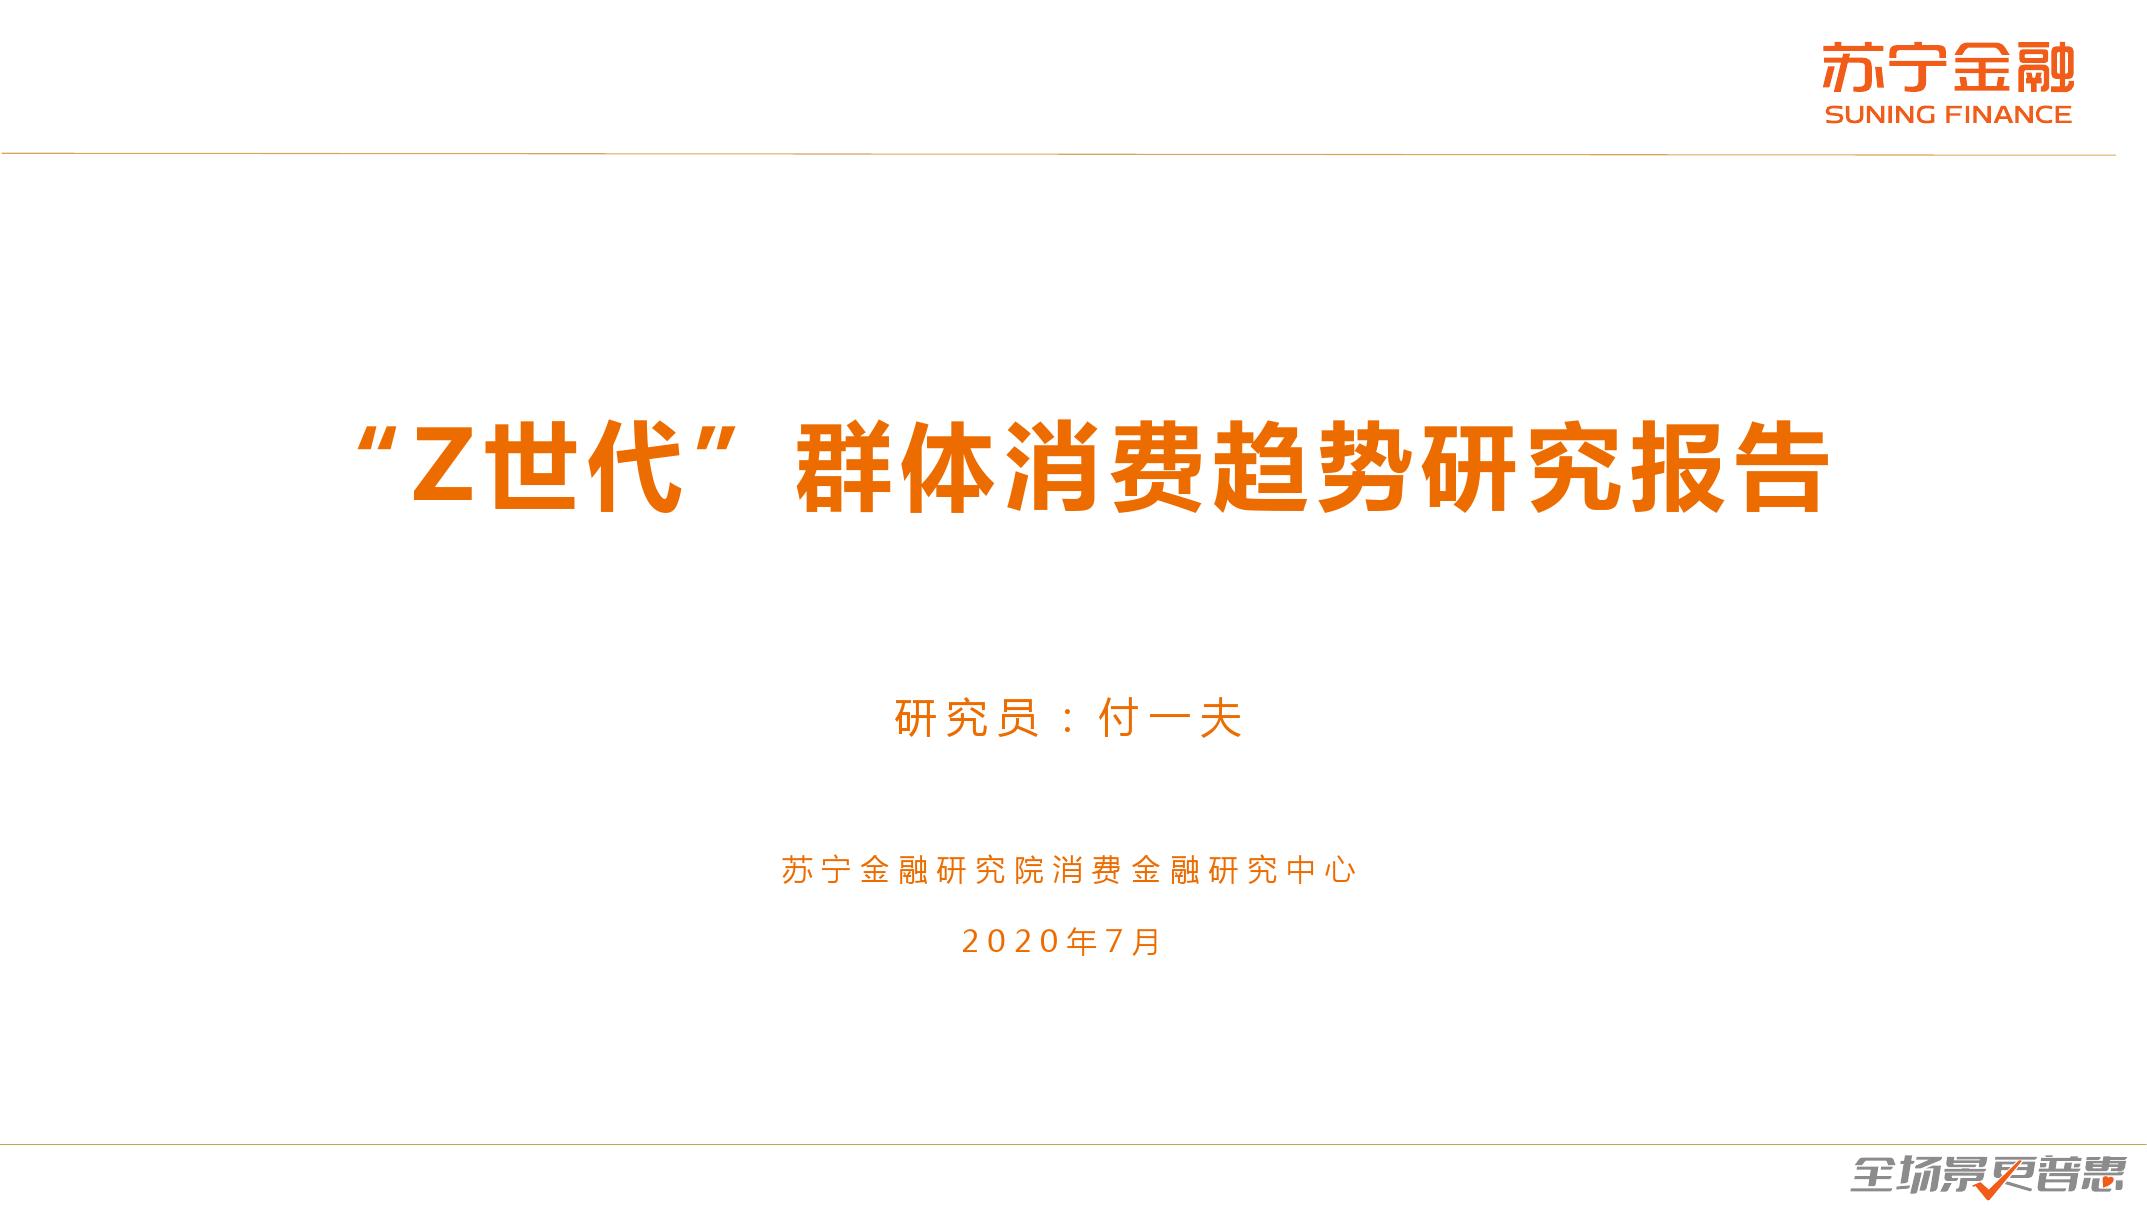 """苏宁金融:""""Z世代""""群体消费趋势研究报告(附下载)"""